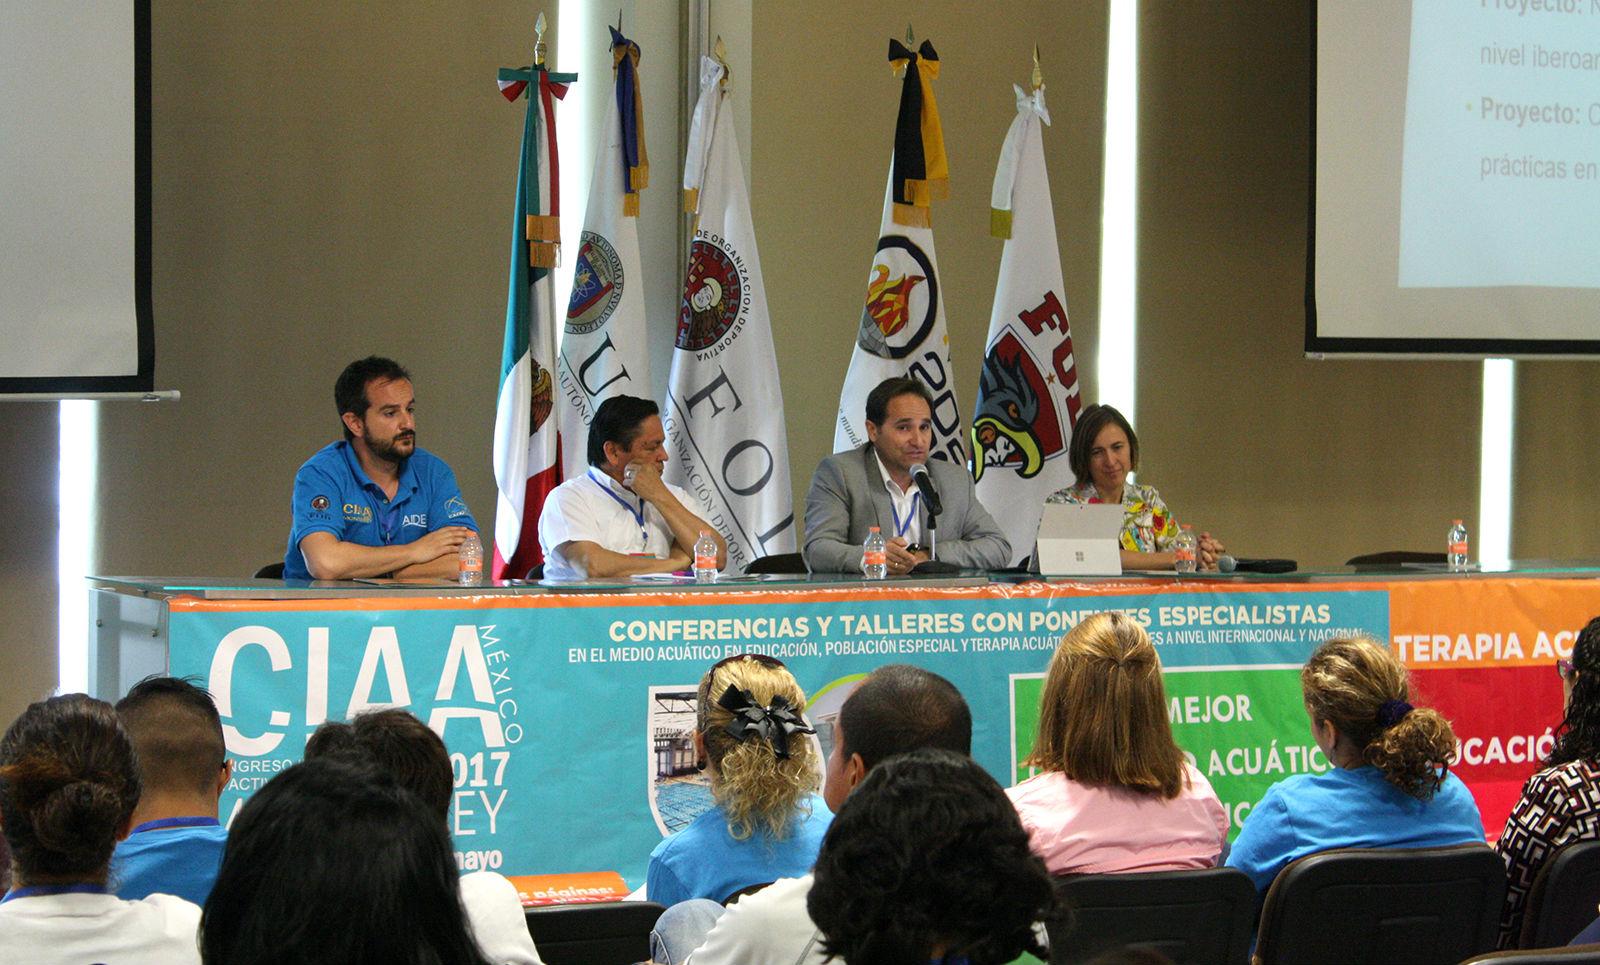 Las actividades académicas se llevarán a cabo en la Facultad de Organización Deportiva